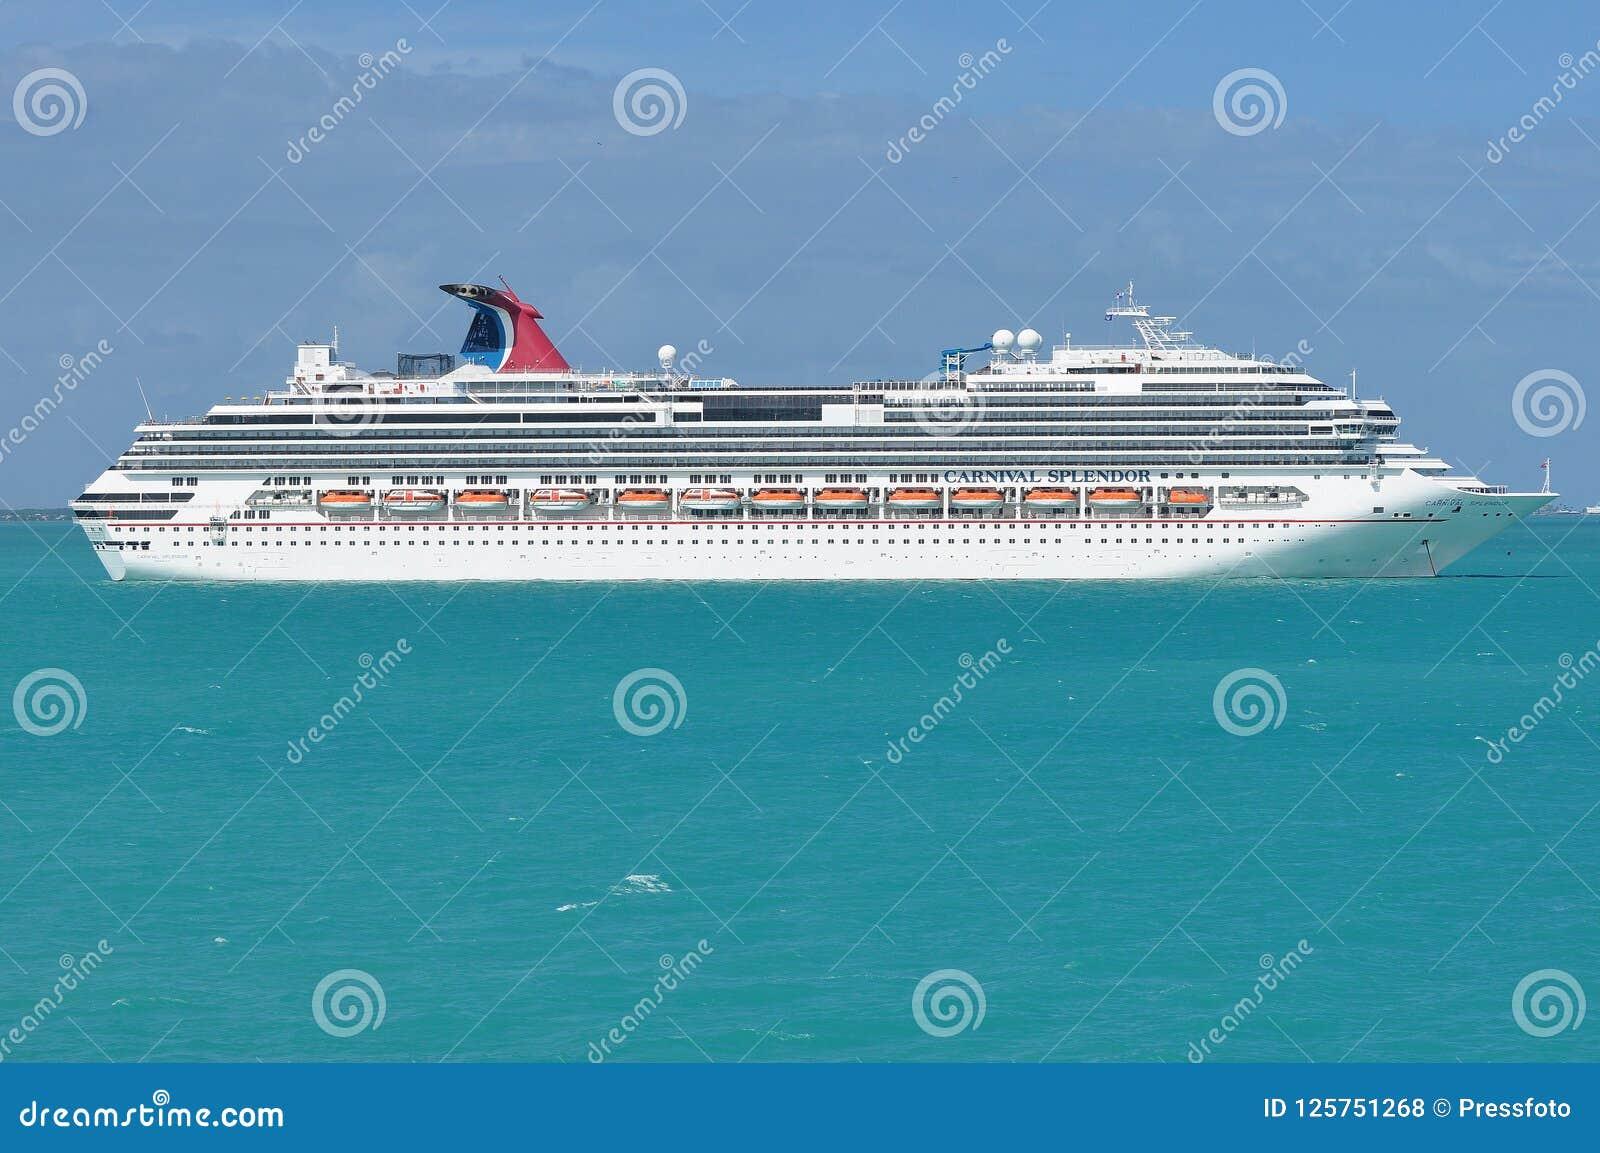 Barco de cruceros del esplendor del carnaval en el mar